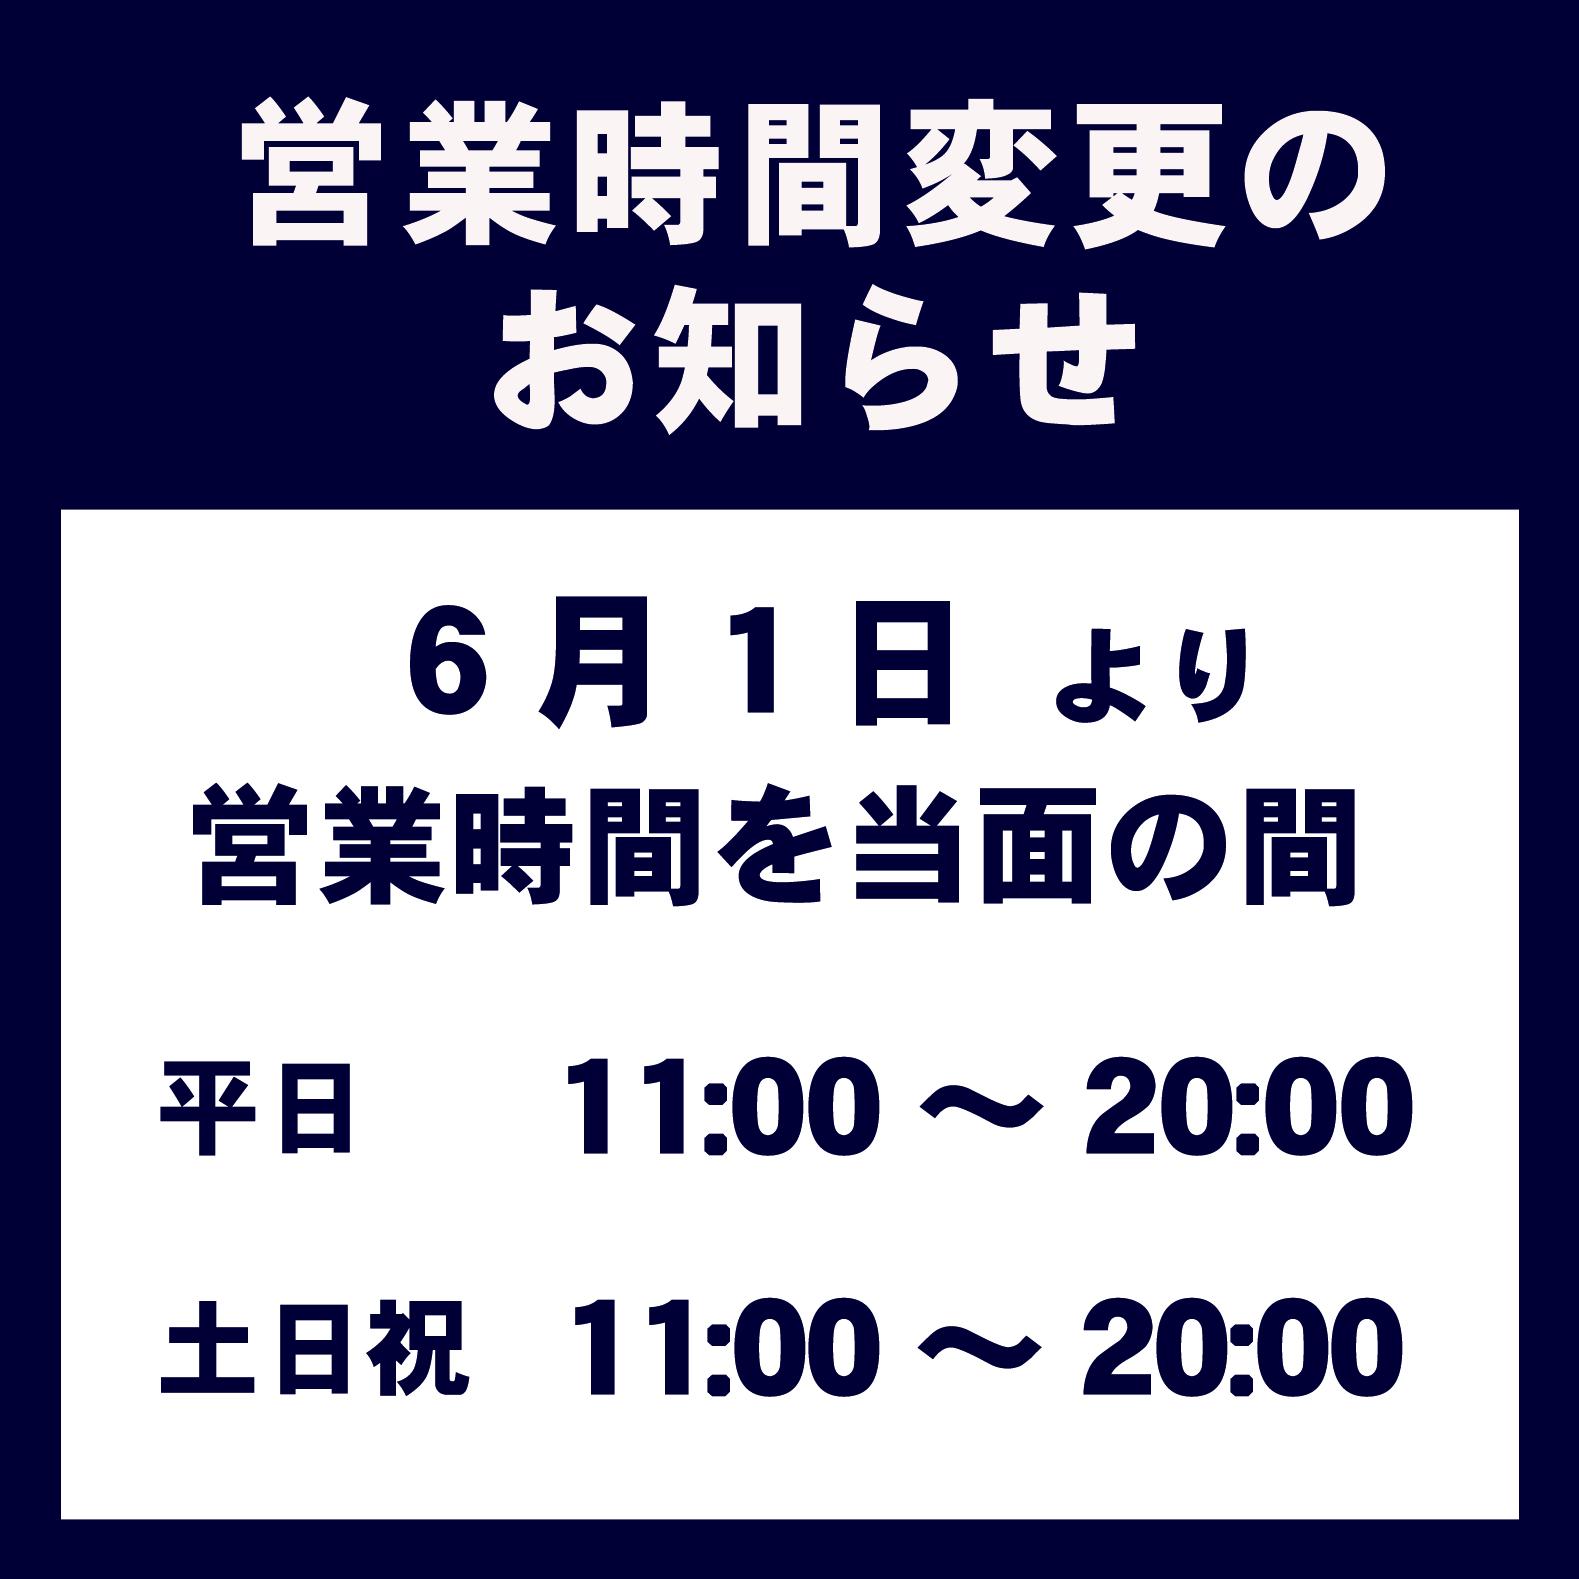 営業時間変更のお知らせ【6月1日より】